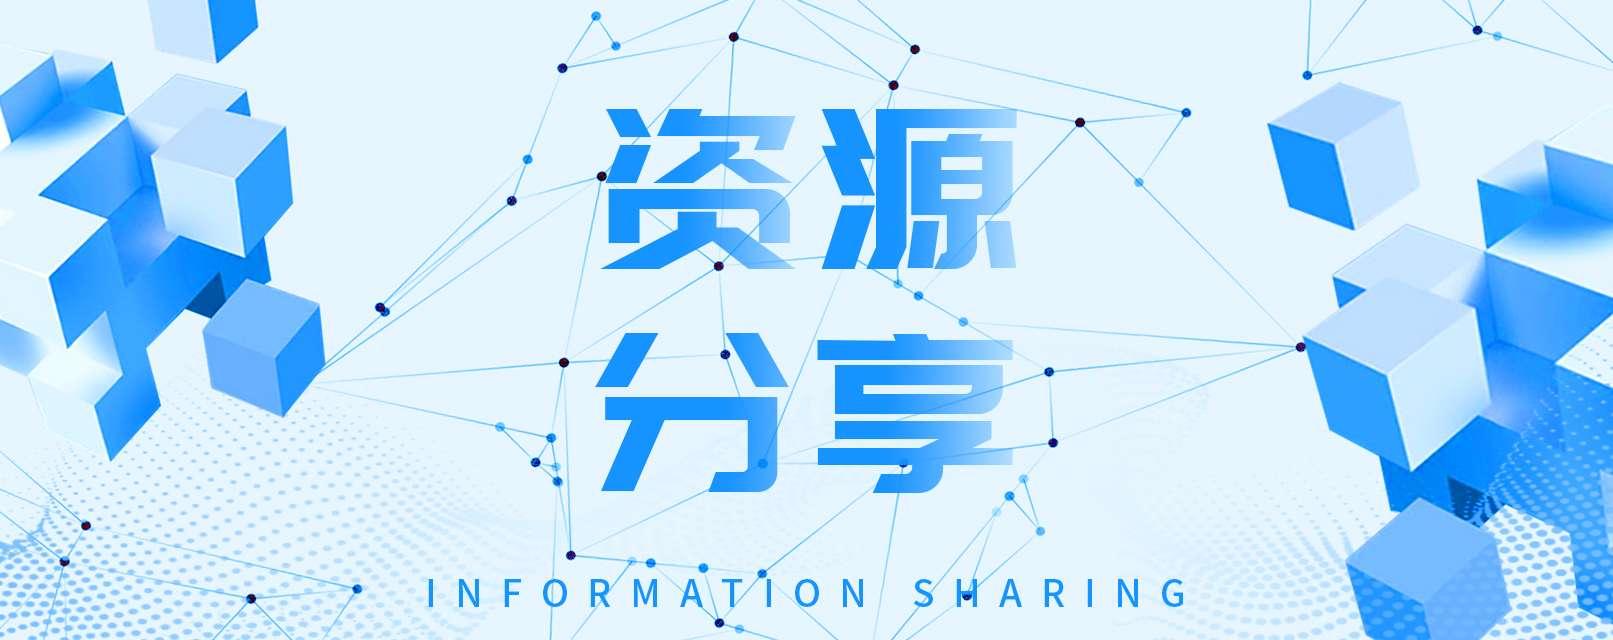 【资源分享】微信竖立名生成(微信名字)